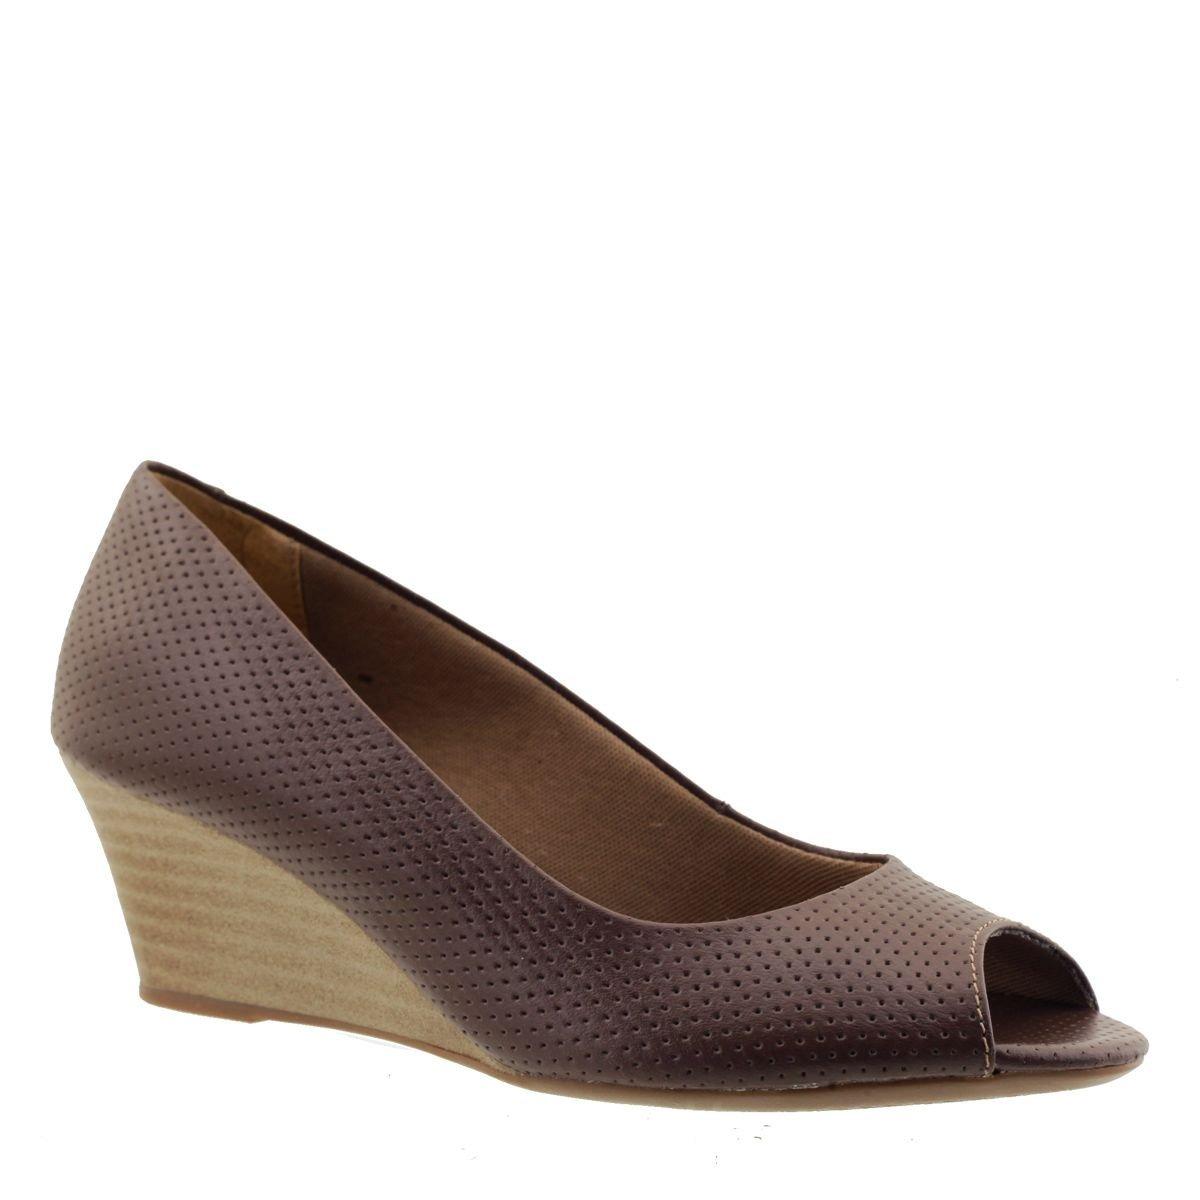 689215ffd8 sandália anabela couro feminina chocolate. Carregando zoom.